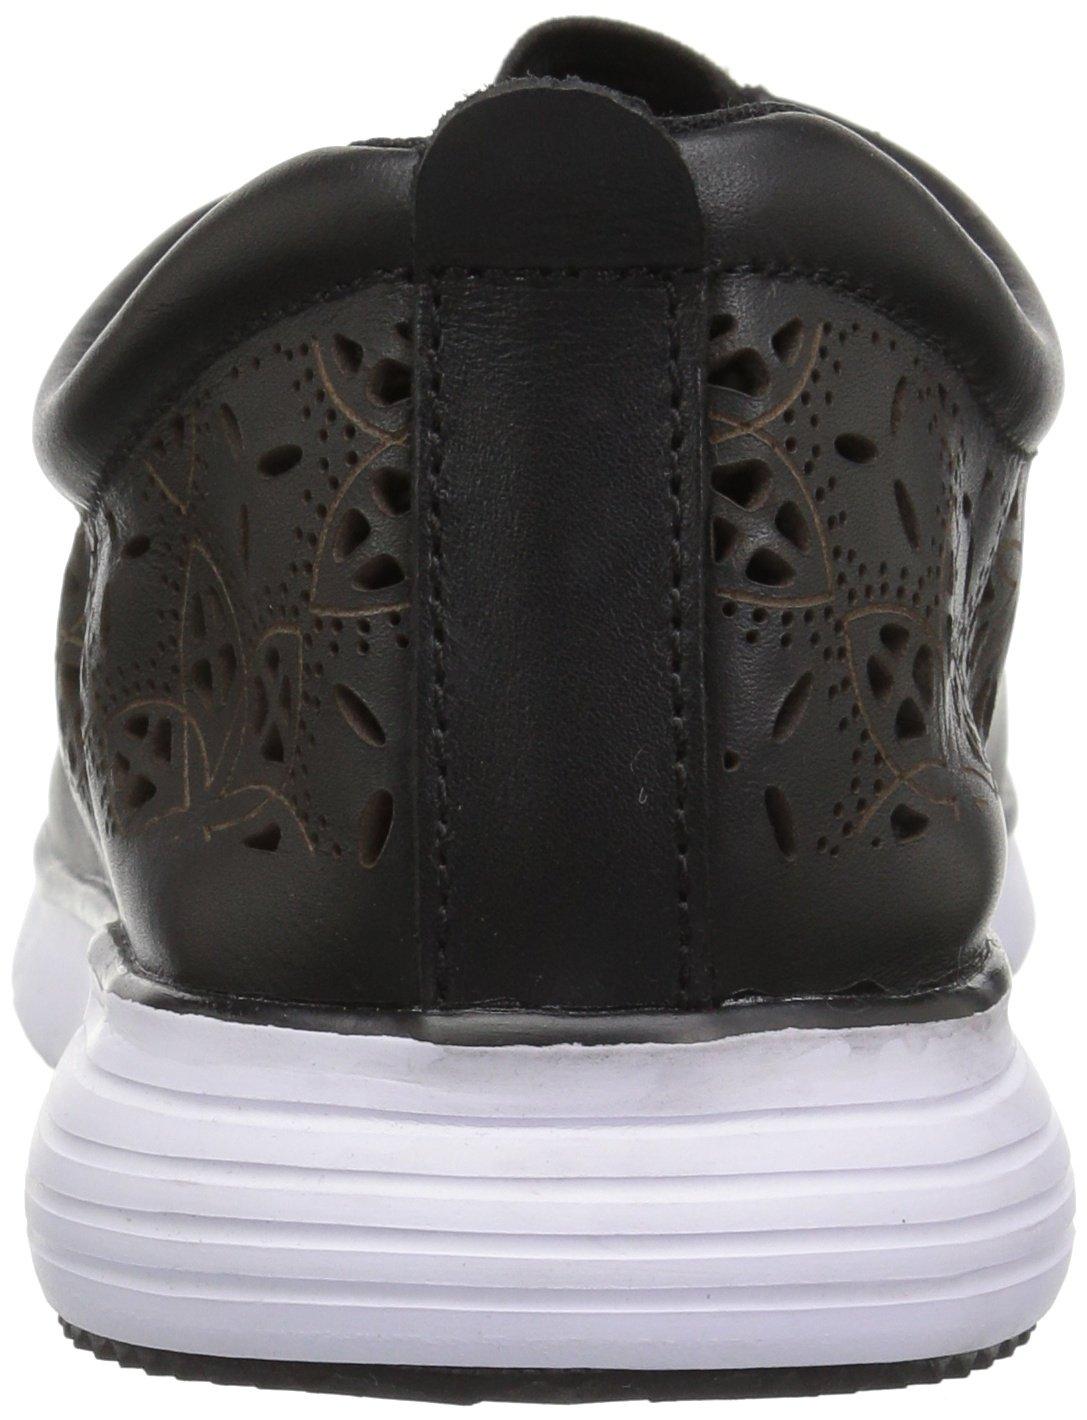 Propet Hannah US|Black Sneaker B073HHXK35 7 2E US|Black Hannah 0af7fa